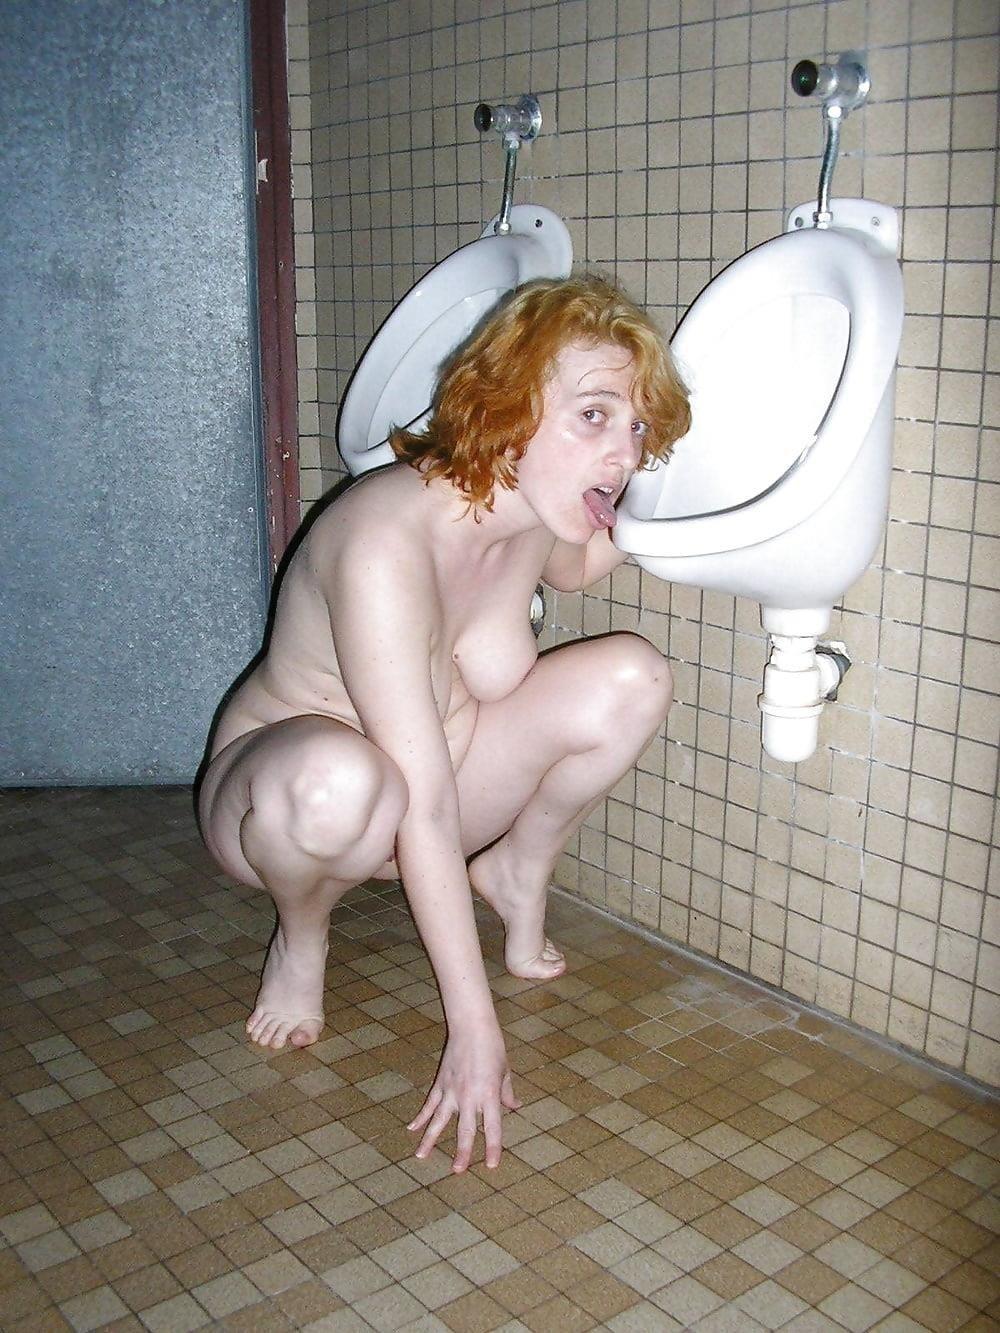 Men having sex in public toilets-4472